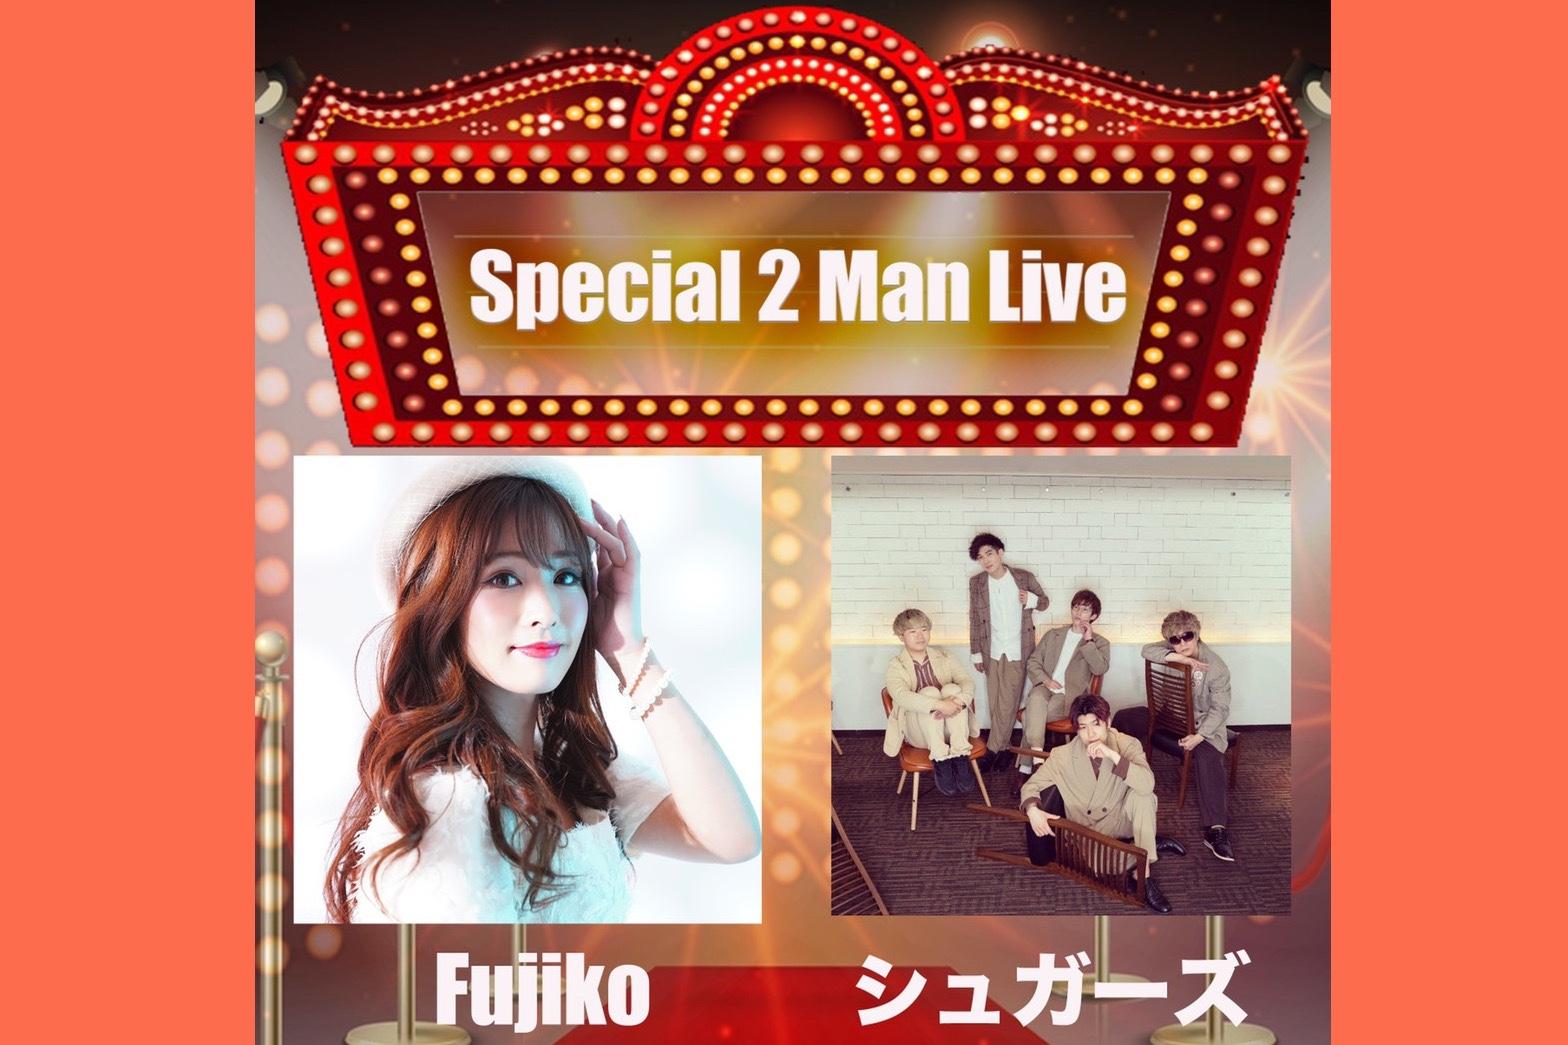 2/28 開催 【Special 2Man Live】